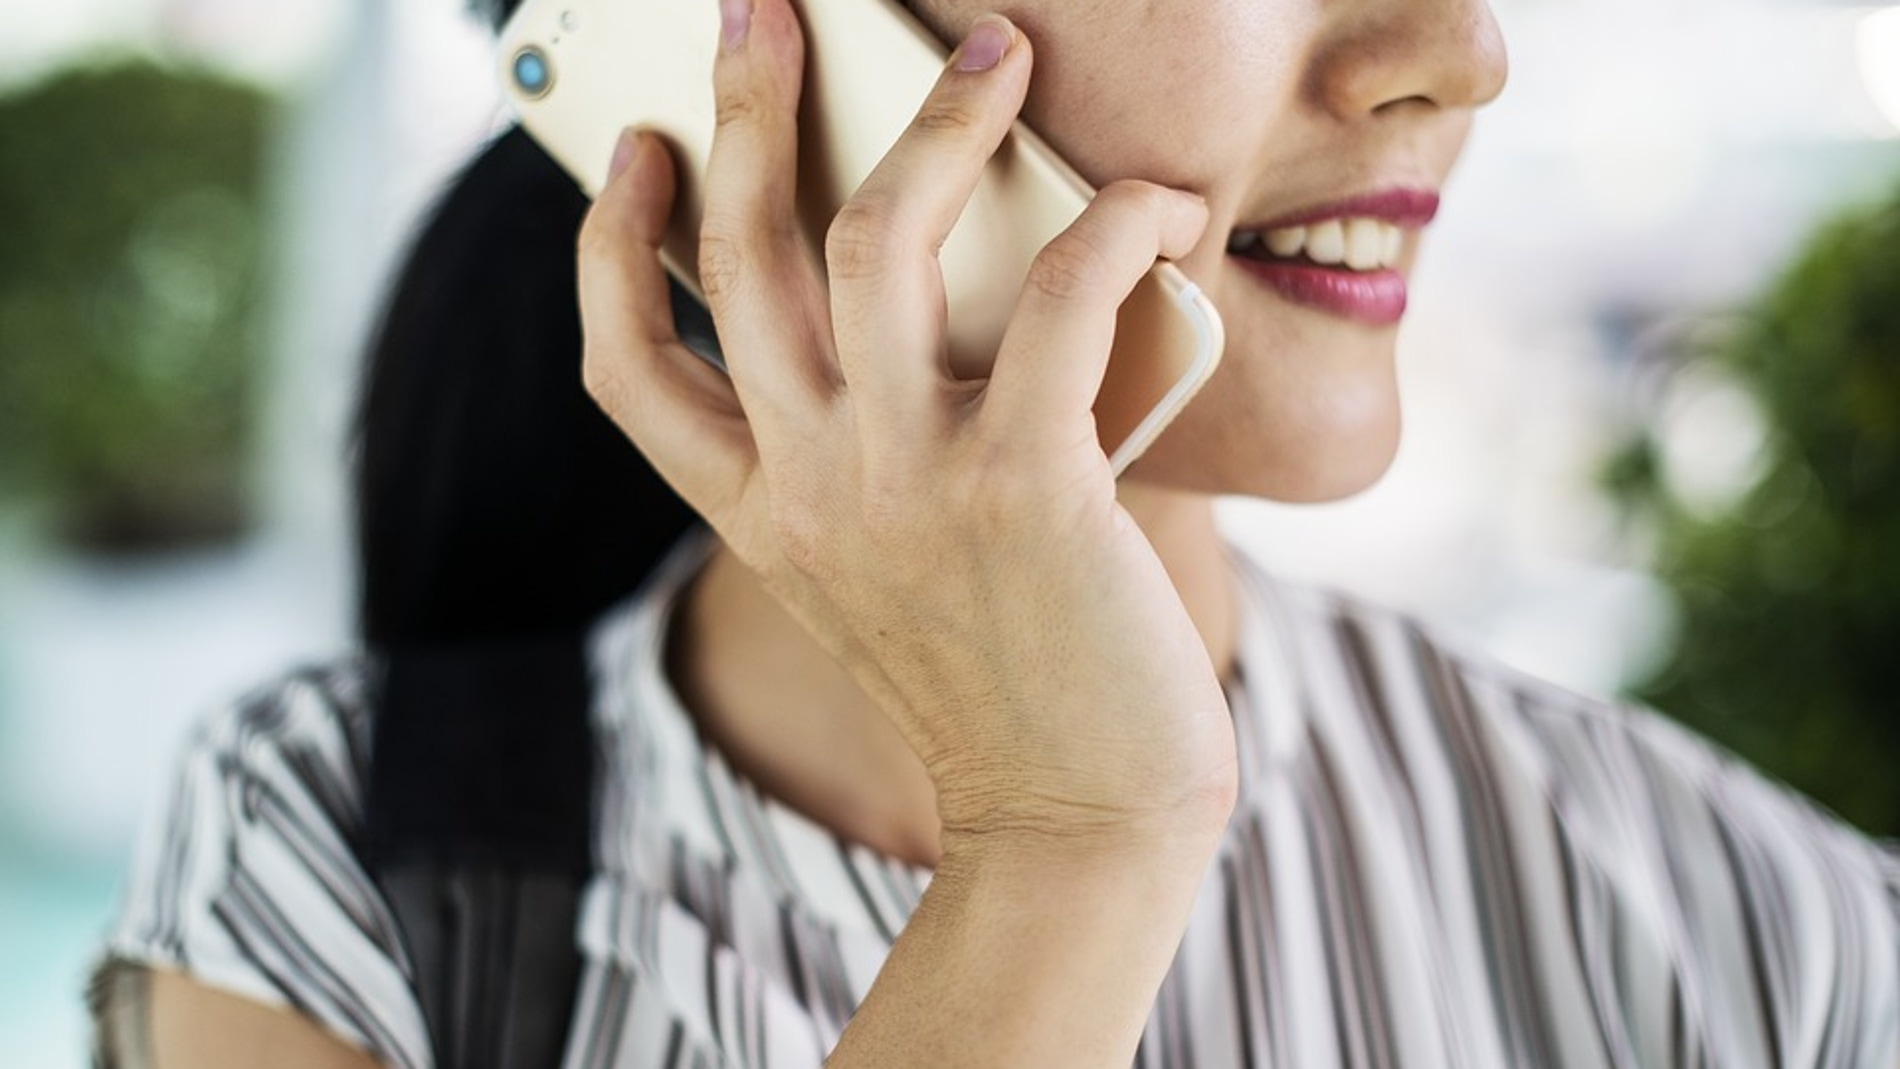 Hasta la fecha, los estudios científicos no han encontrado evidencias consistentes que demuestren la relación del uso del móvil y el cáncer.